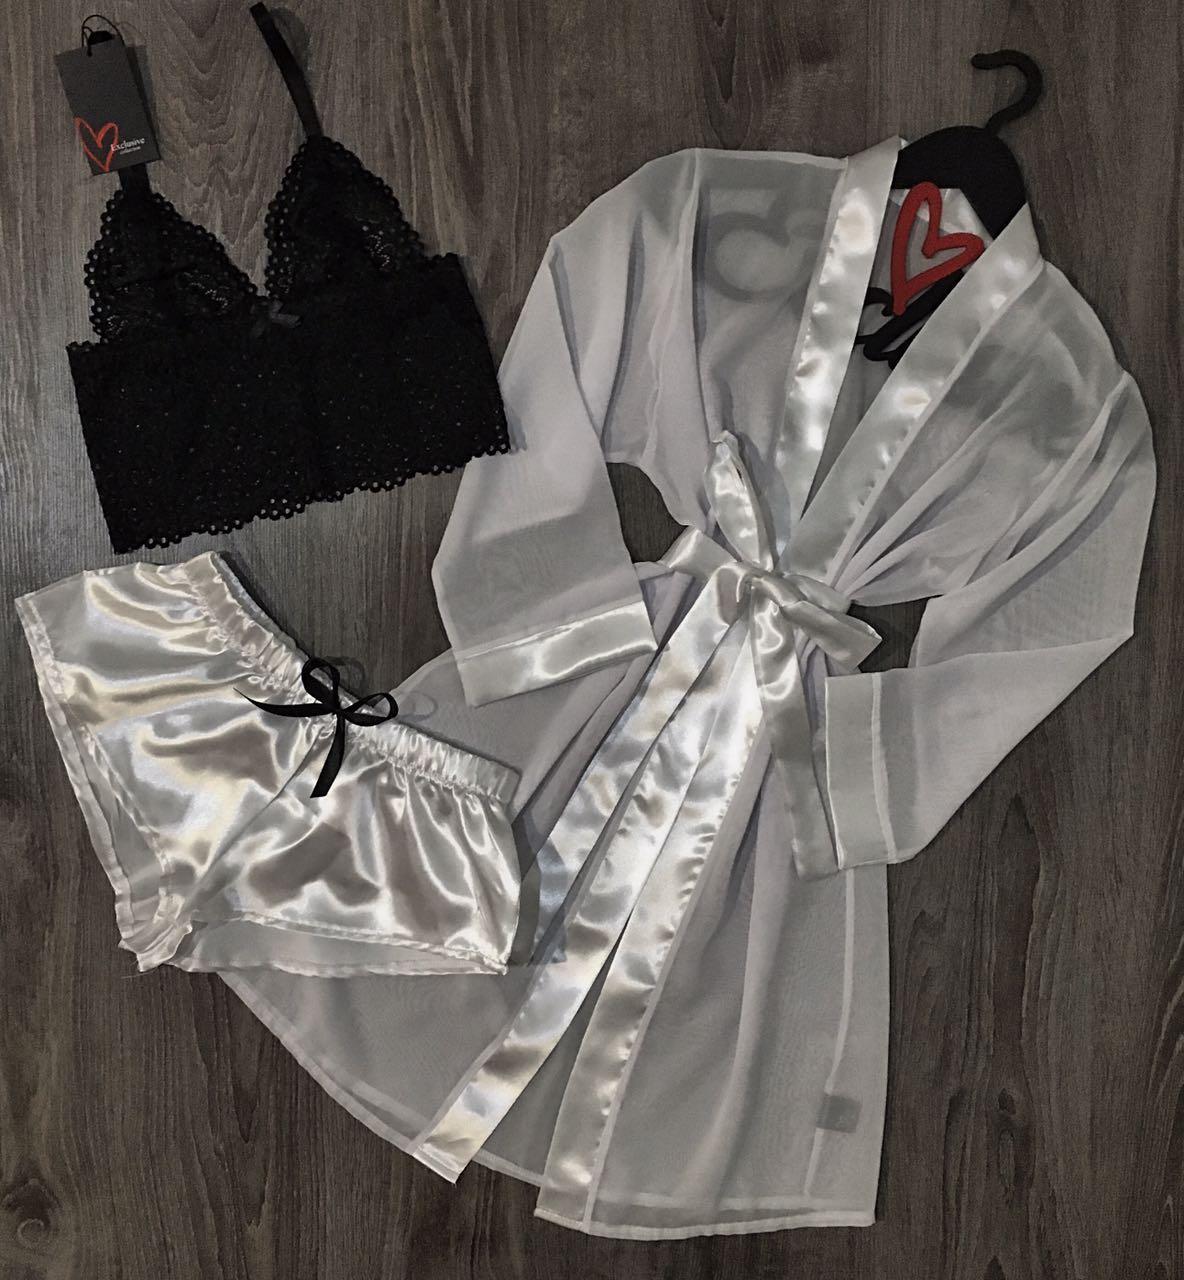 Білий набір одягу для сну і відпочинку халат+піжама.